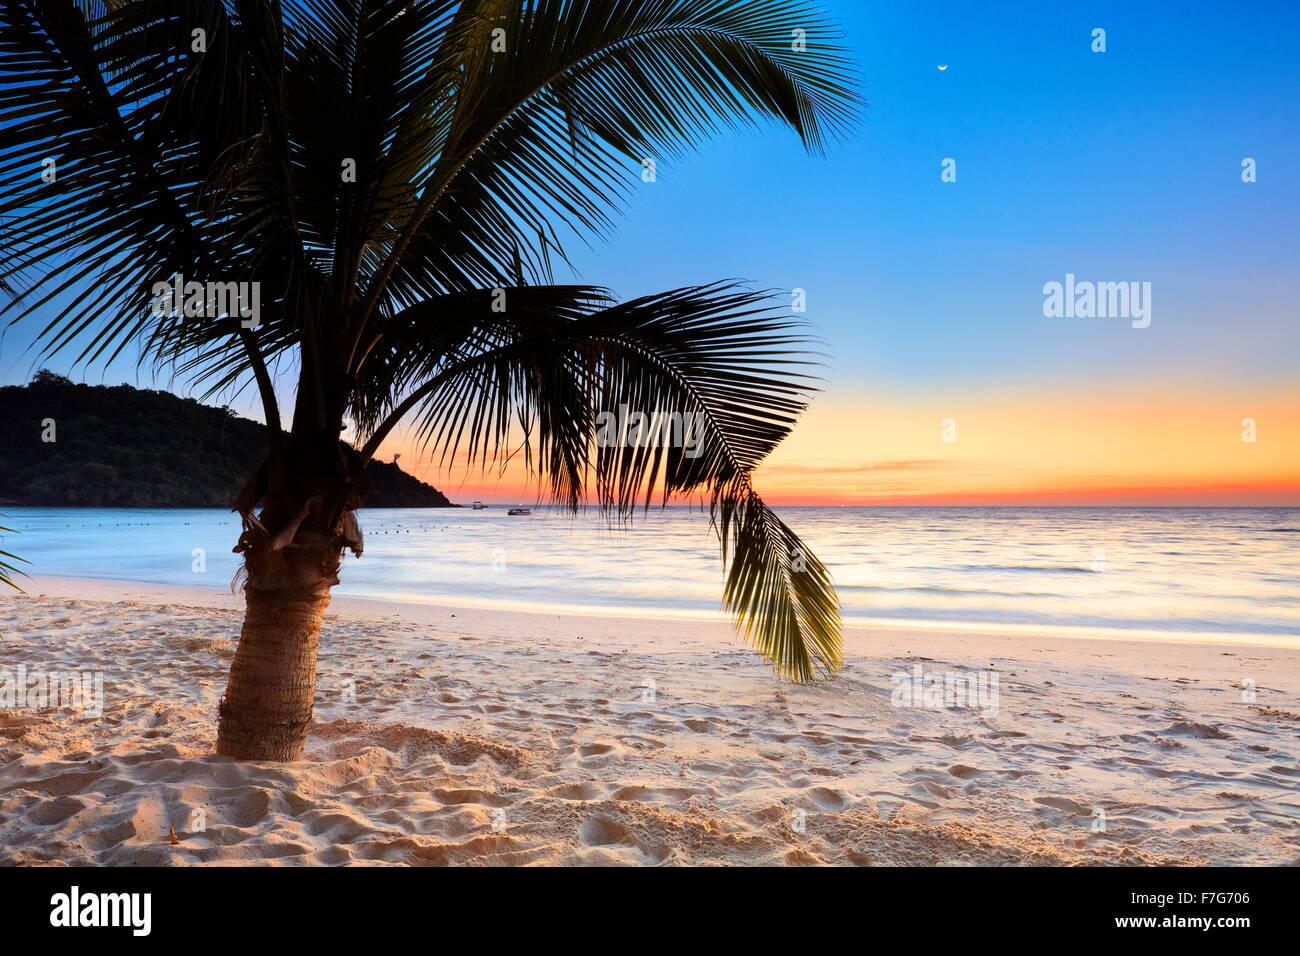 Después de la puesta de sol, playa tropical de la isla de Ko Samet, Tailandia Imagen De Stock